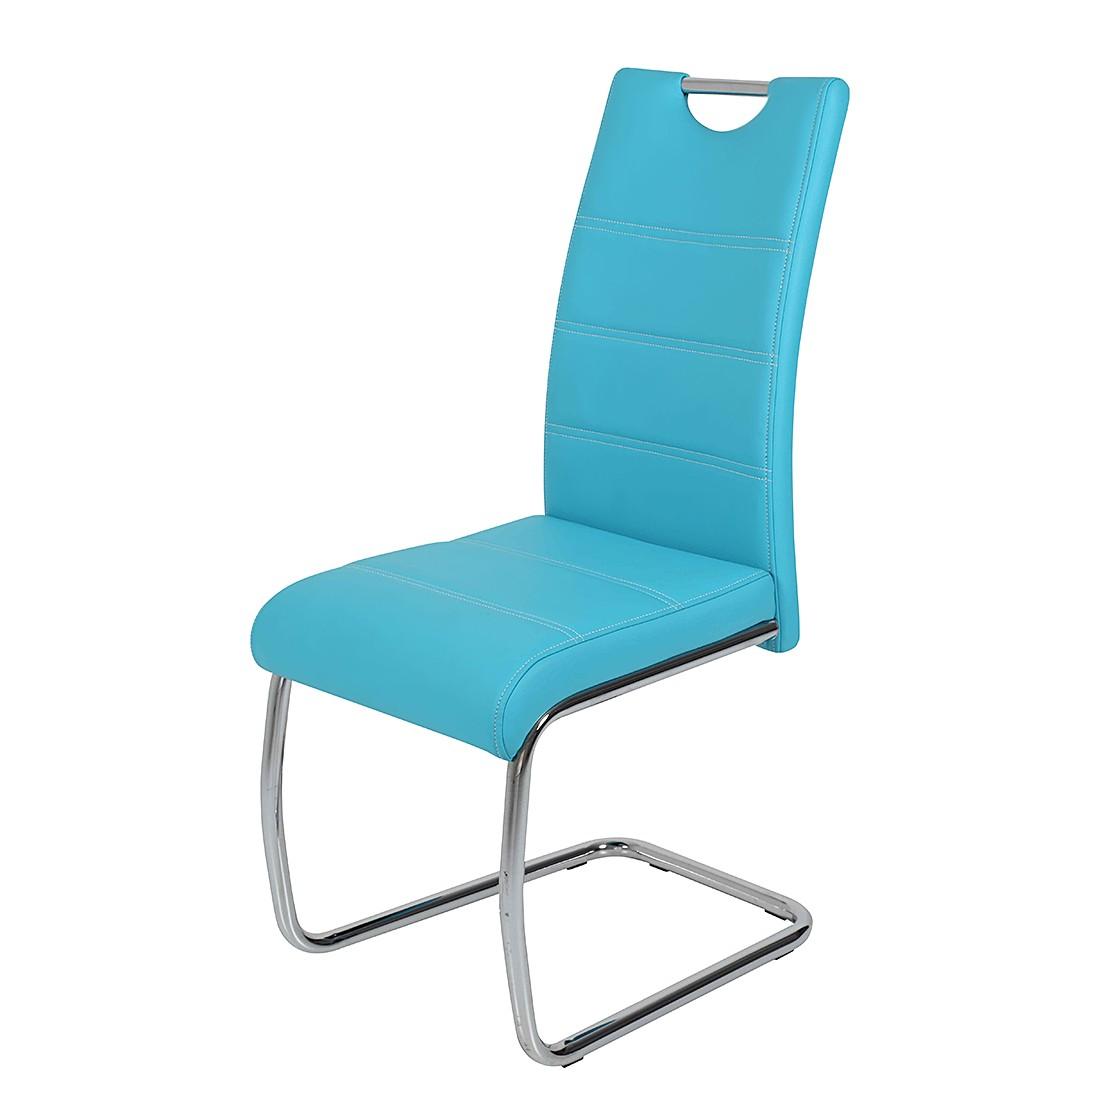 freischwinger la paz 2er set kunstleder petrol home design g nstig online kaufen. Black Bedroom Furniture Sets. Home Design Ideas